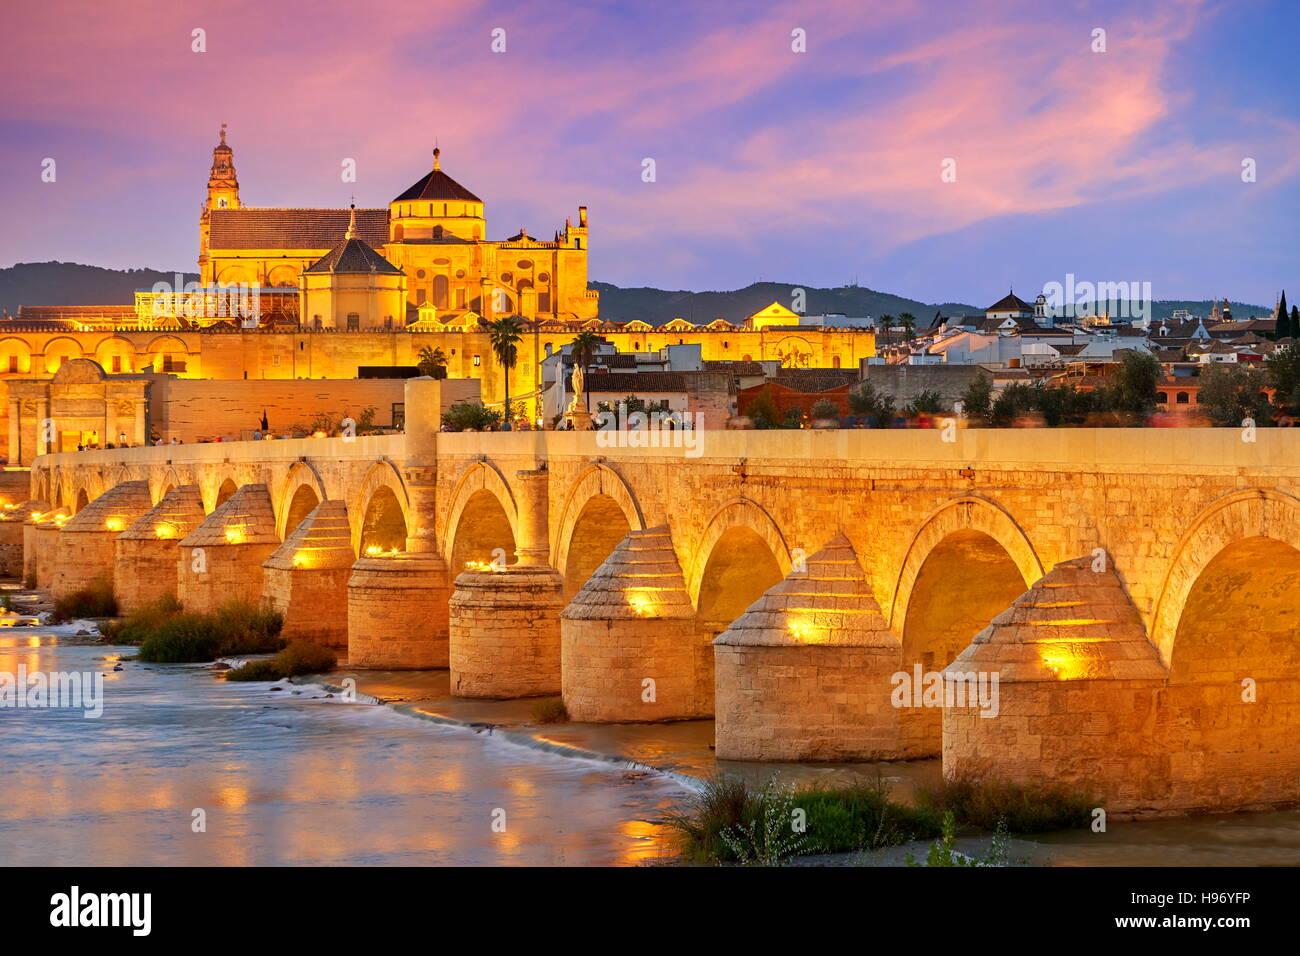 Spanien - Römerbrücke und Moschee von Cordoba, Andalusien, Cordoba Stockbild